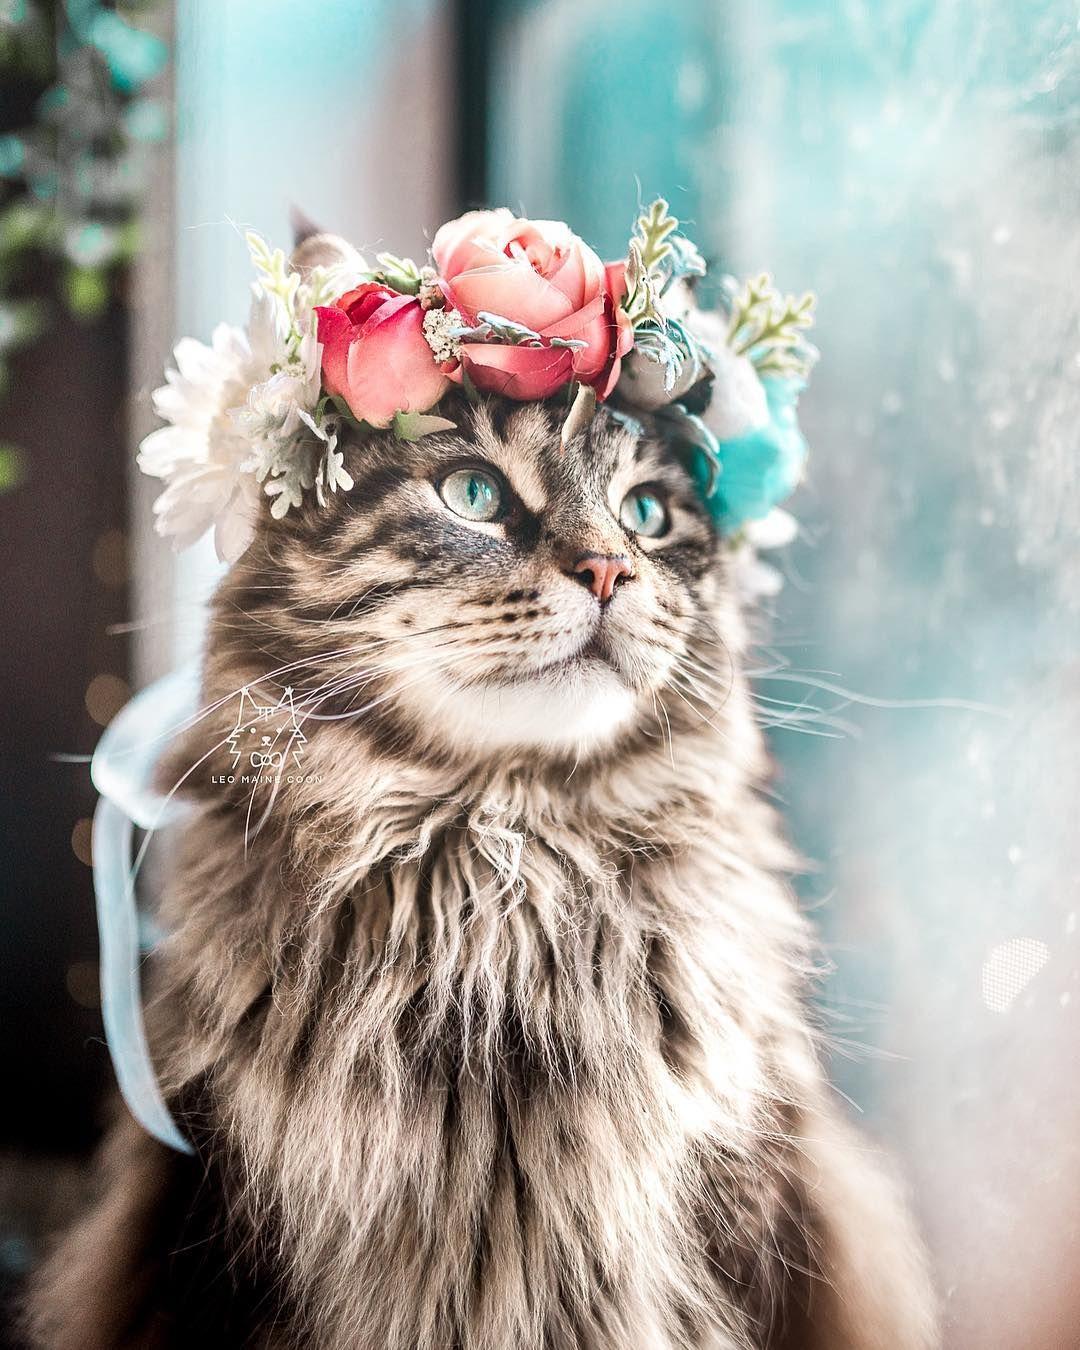 Elle confectionne d'adorables couronnes de fleurs pour célébrer la majestuosité des chats